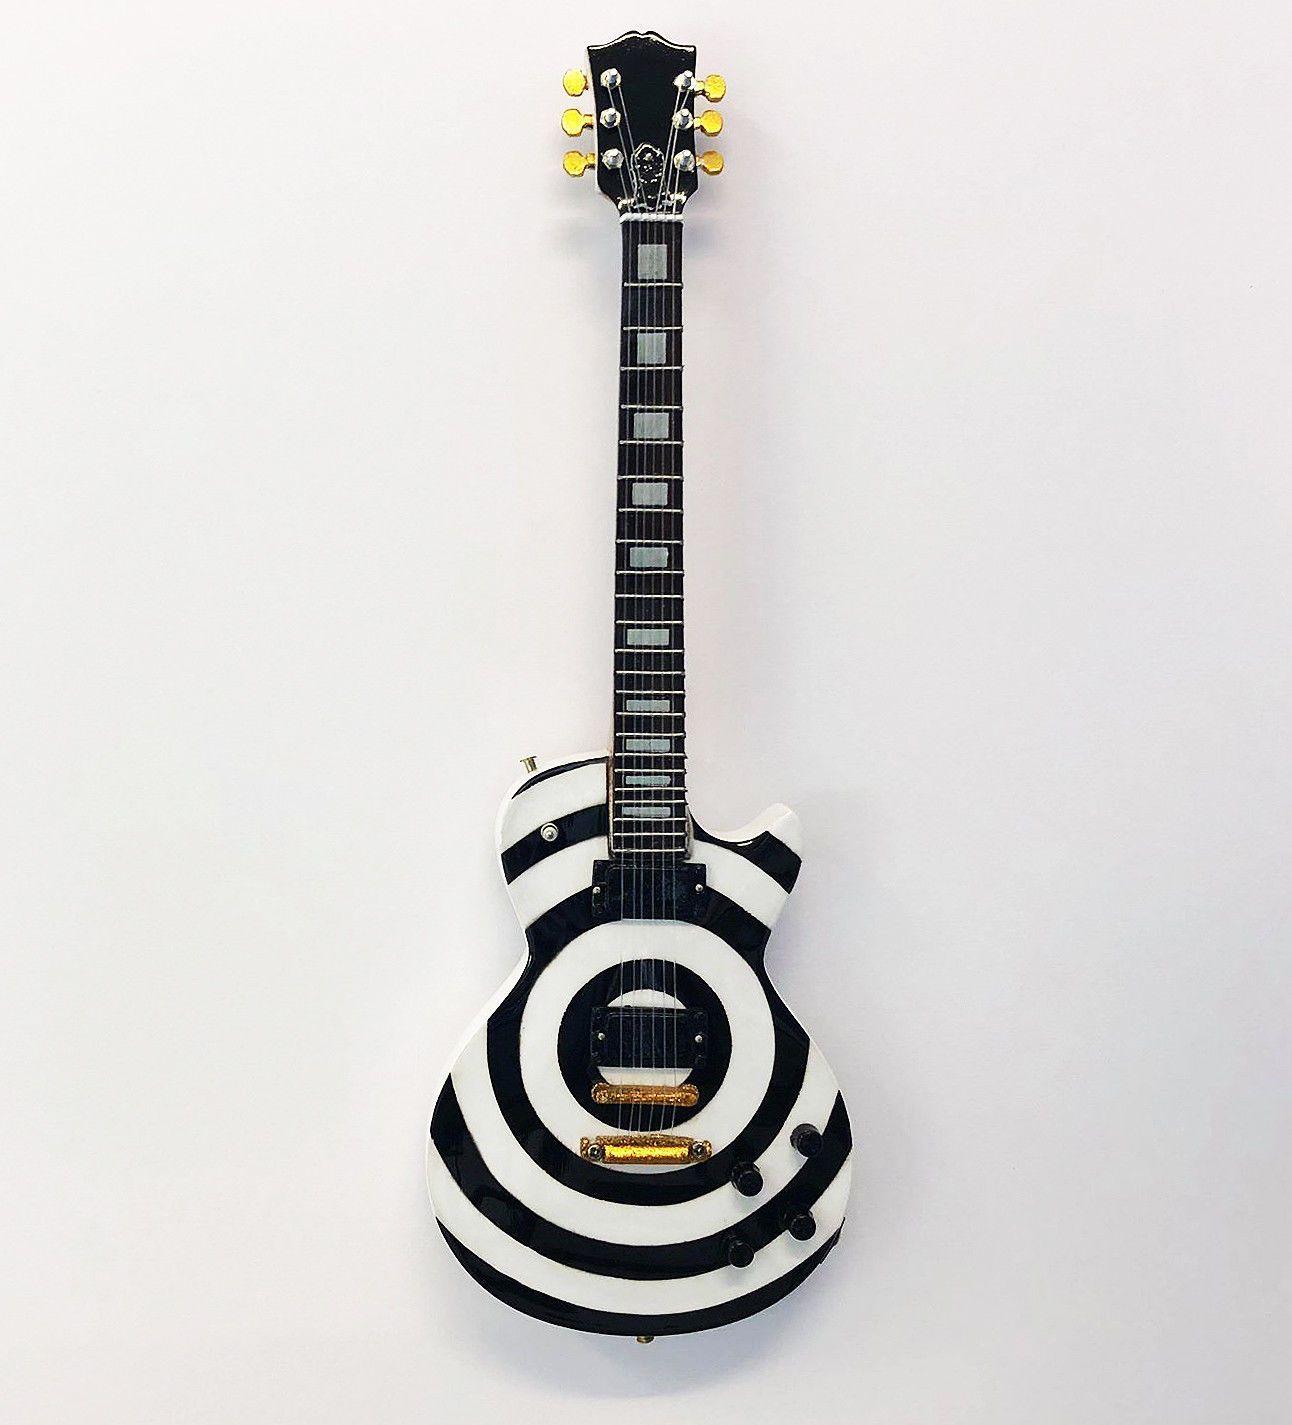 Zakk Wylde S 1981 Gibson Les Paul Custom Aka The Grail My Dream Guitar Guitar Gibson Guitars Guitar Lovers